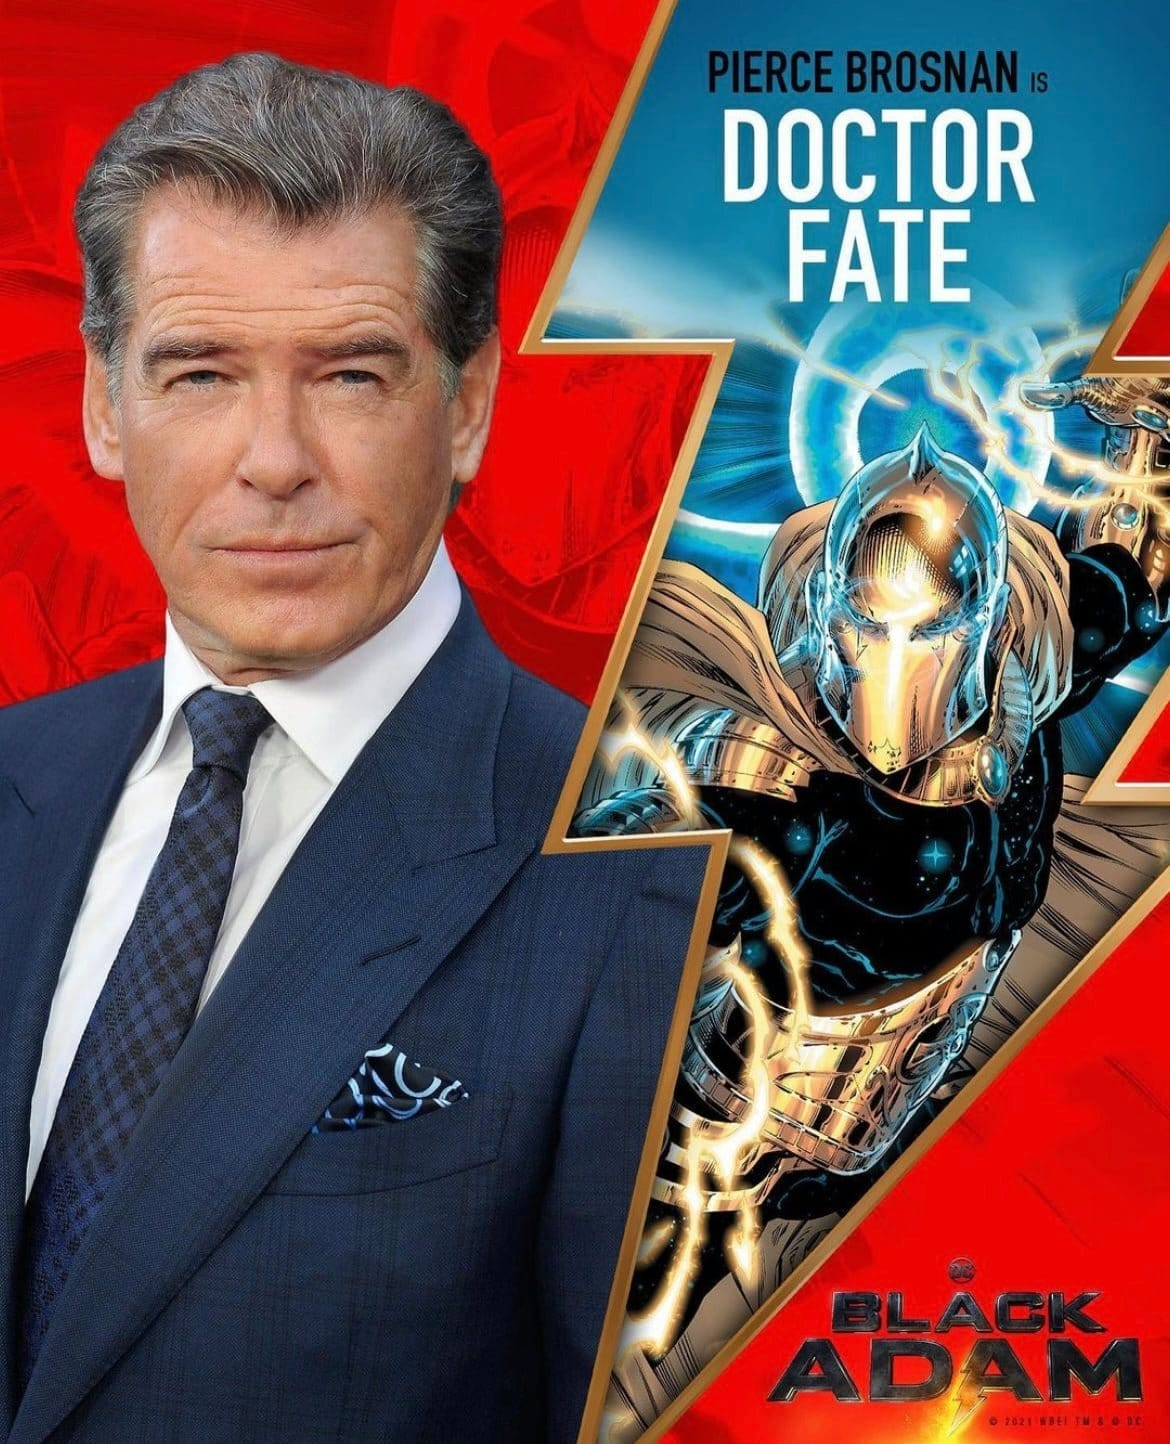 Pierce Brosnan sarà l'antagonista di Black Adam, Dr. Fate